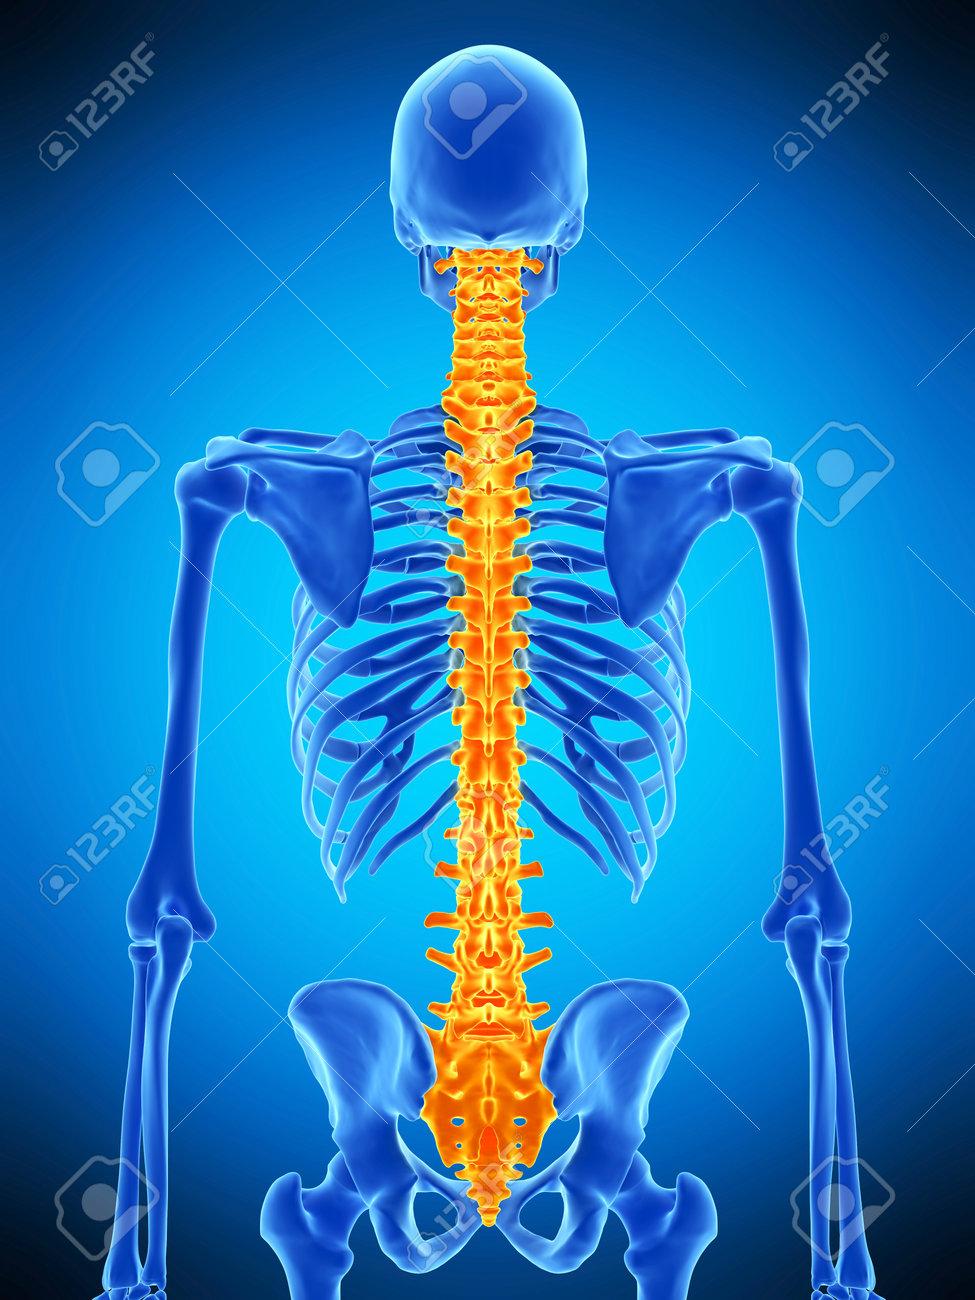 Ilustración Médicamente Exacta De La Columna Vertebral Humana Fotos ...